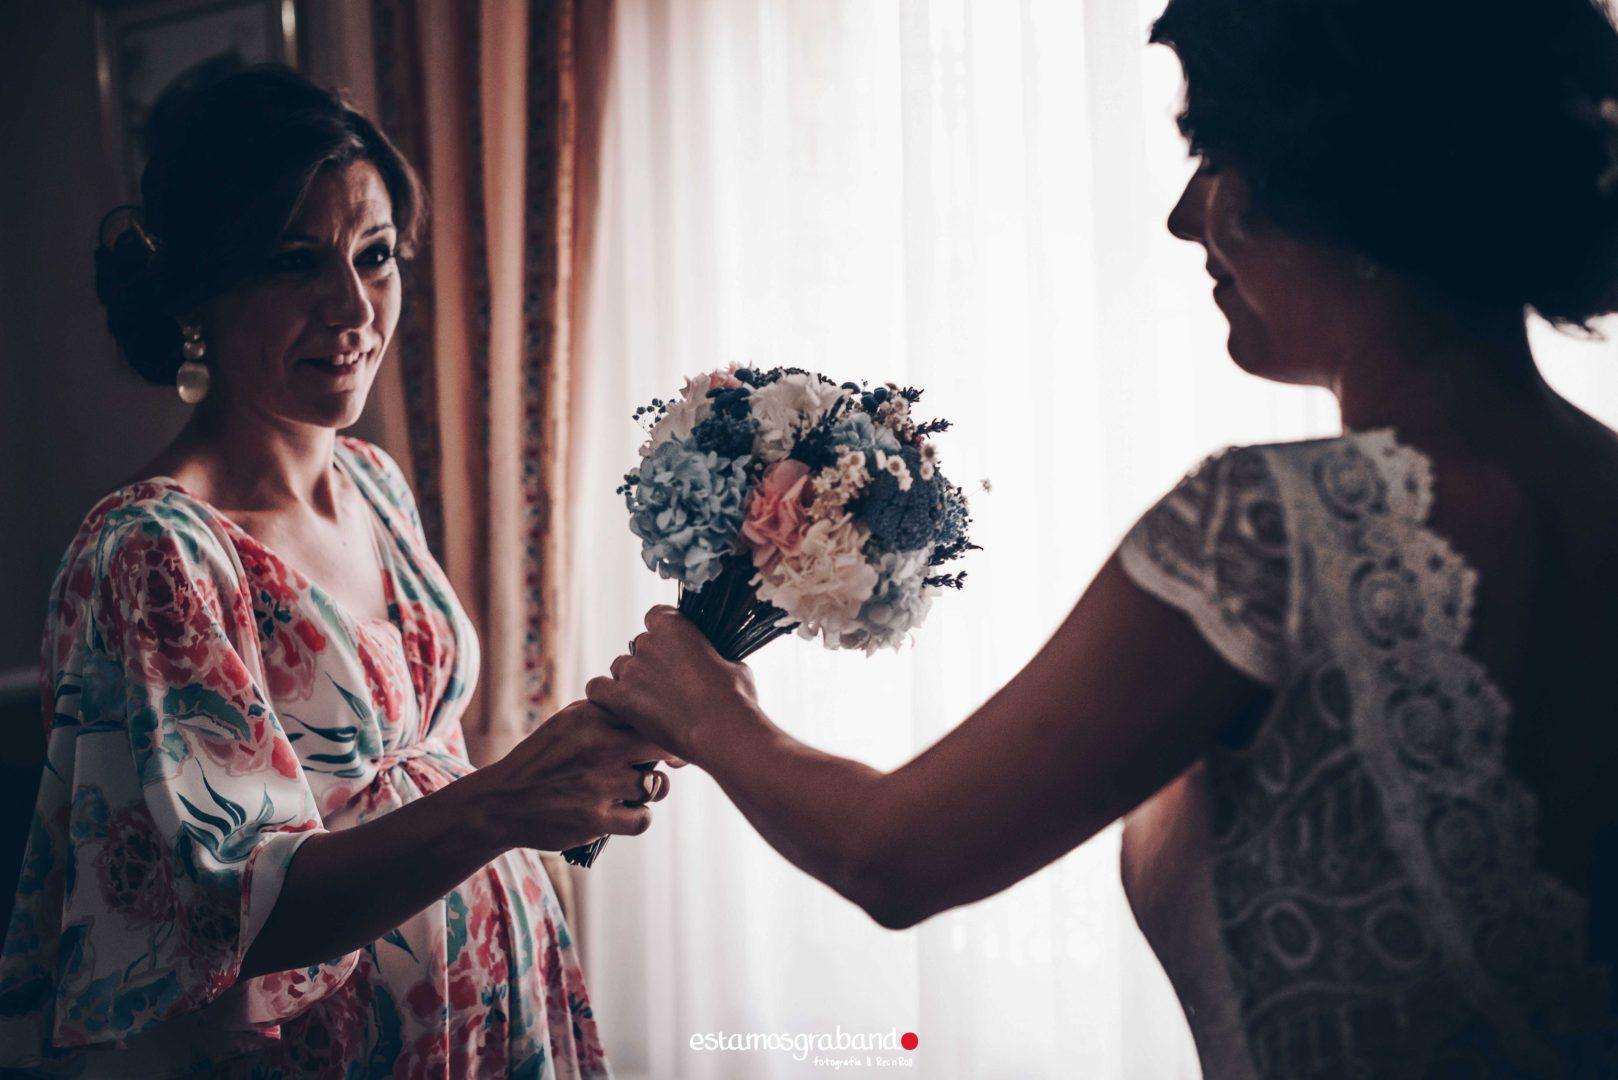 J_C-51-1618x1080 Julián & Cecilia _ Fotografía  de Boda (Ciudad Real) - video boda cadiz